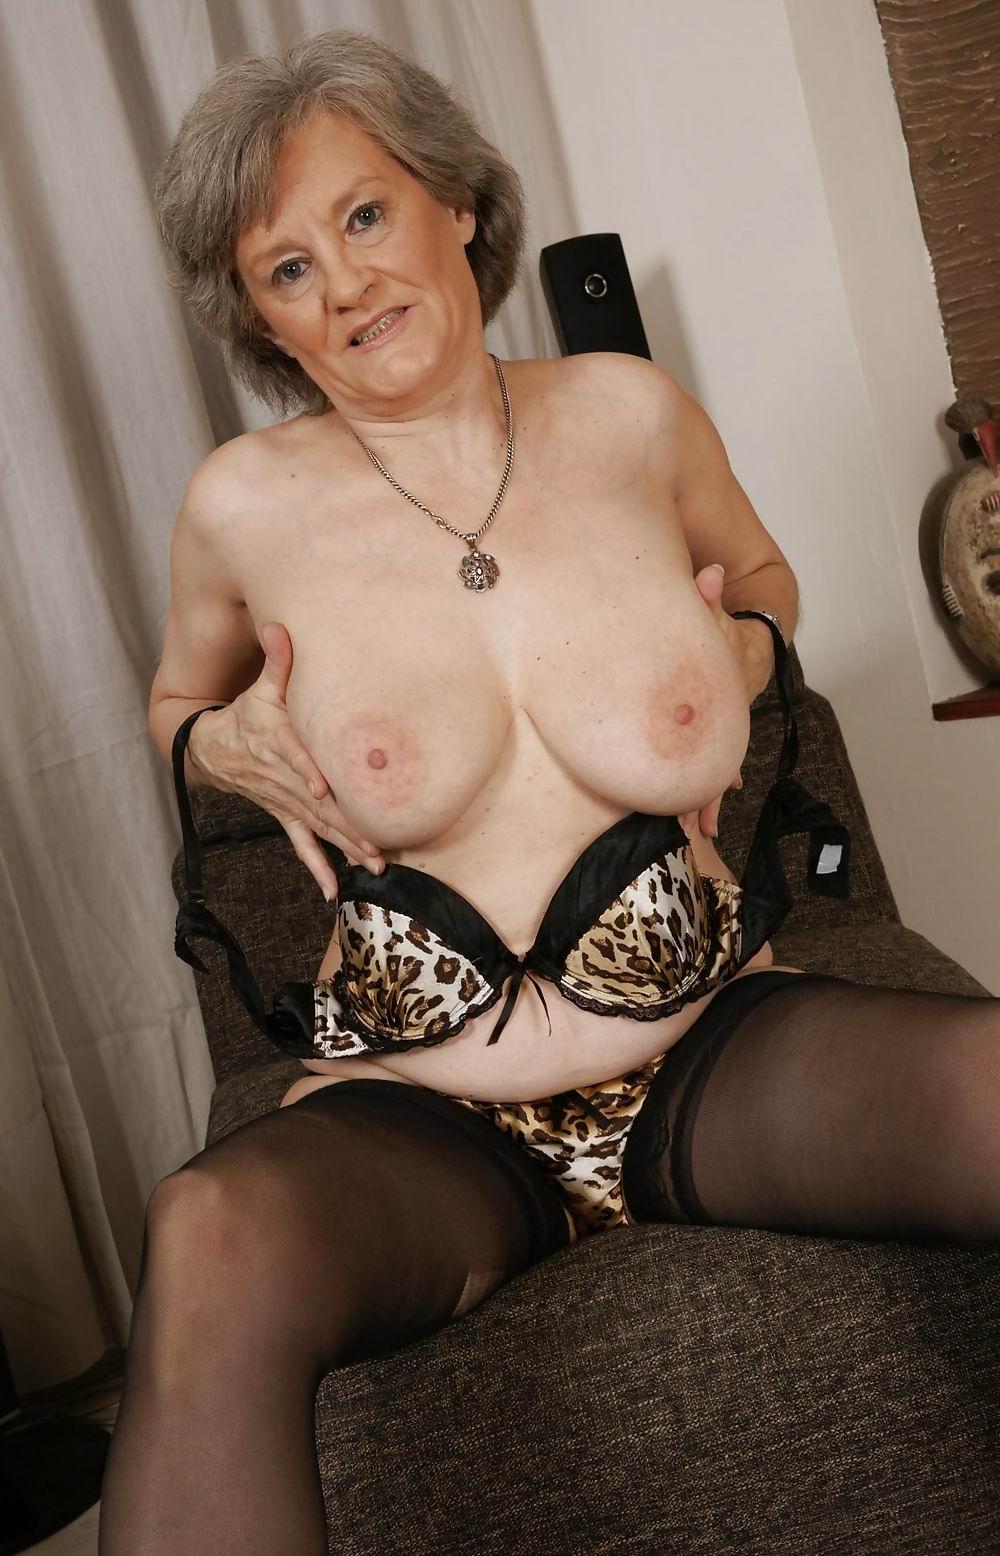 Cosplay girl nude